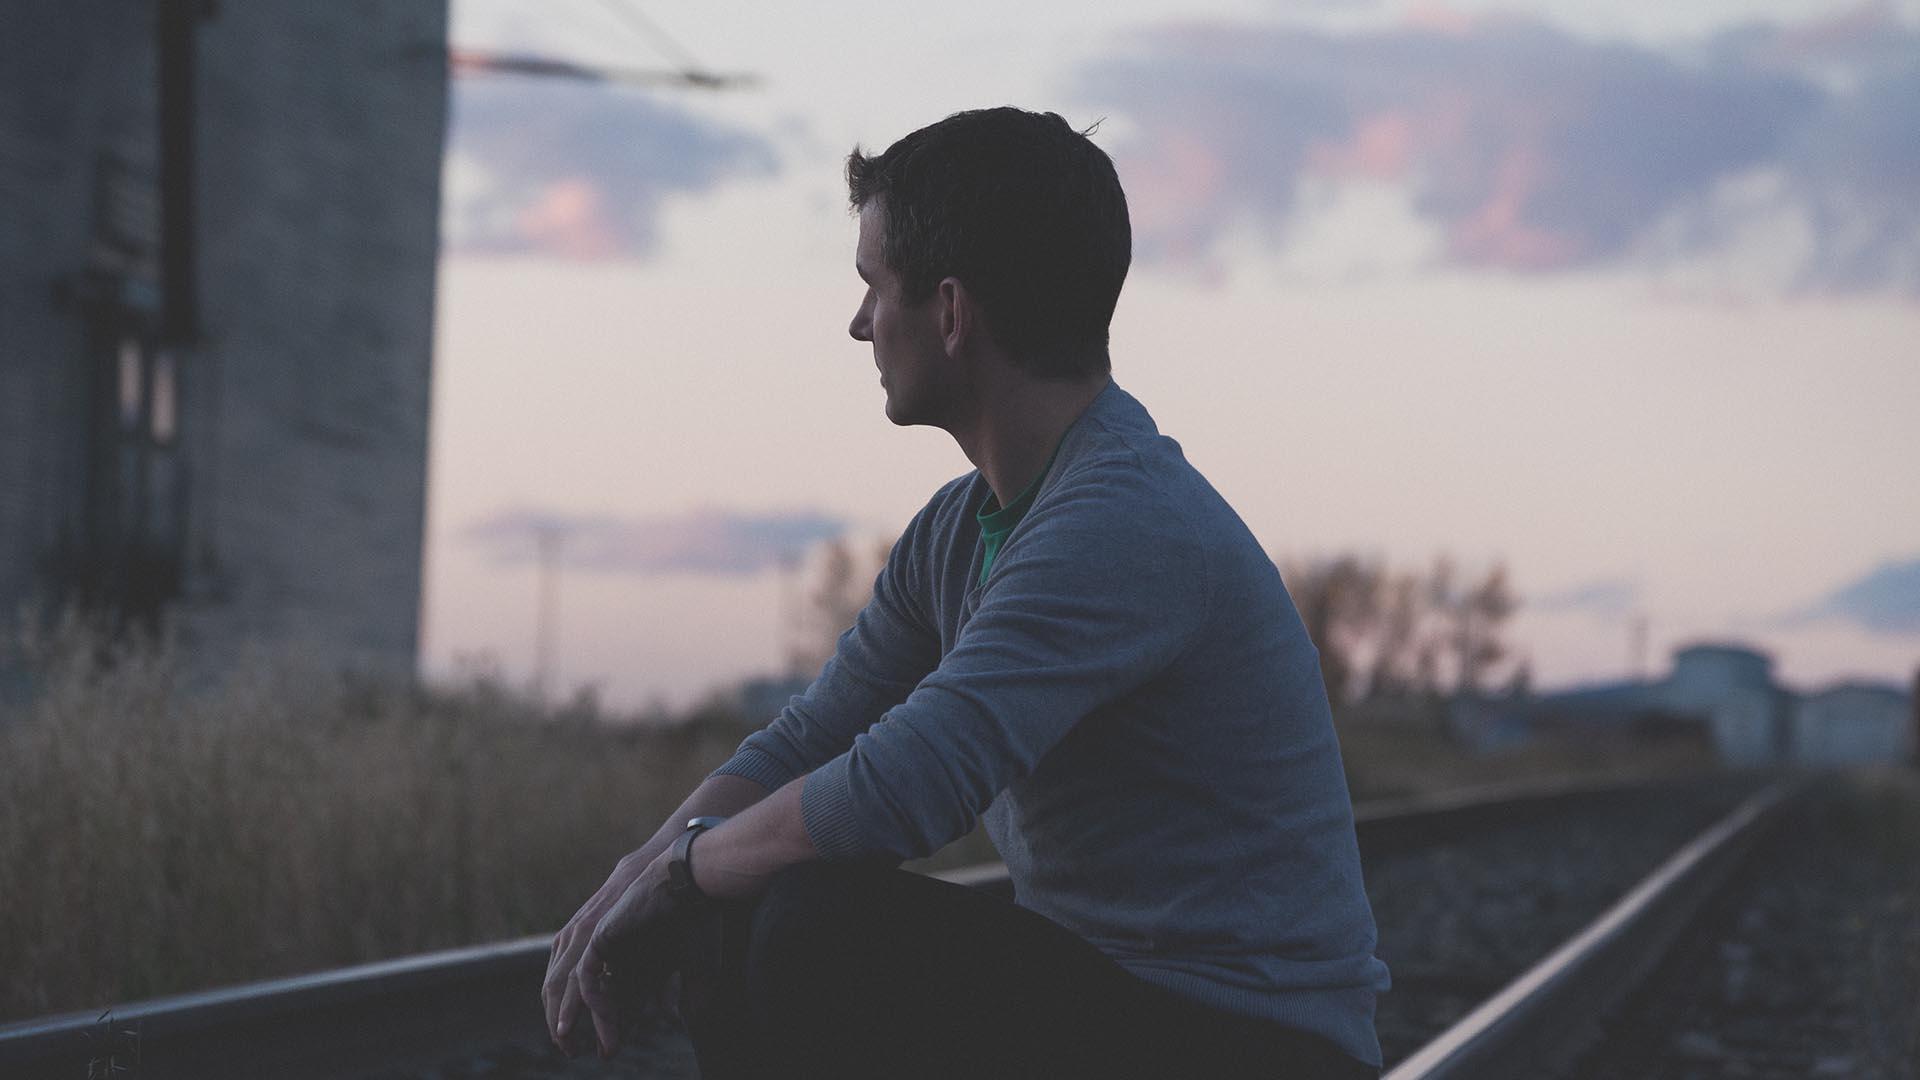 estres-postraumatico-accidente-psicologo-alcorcon-depresion-desmotivacion-zona-sur-madrid-amaype